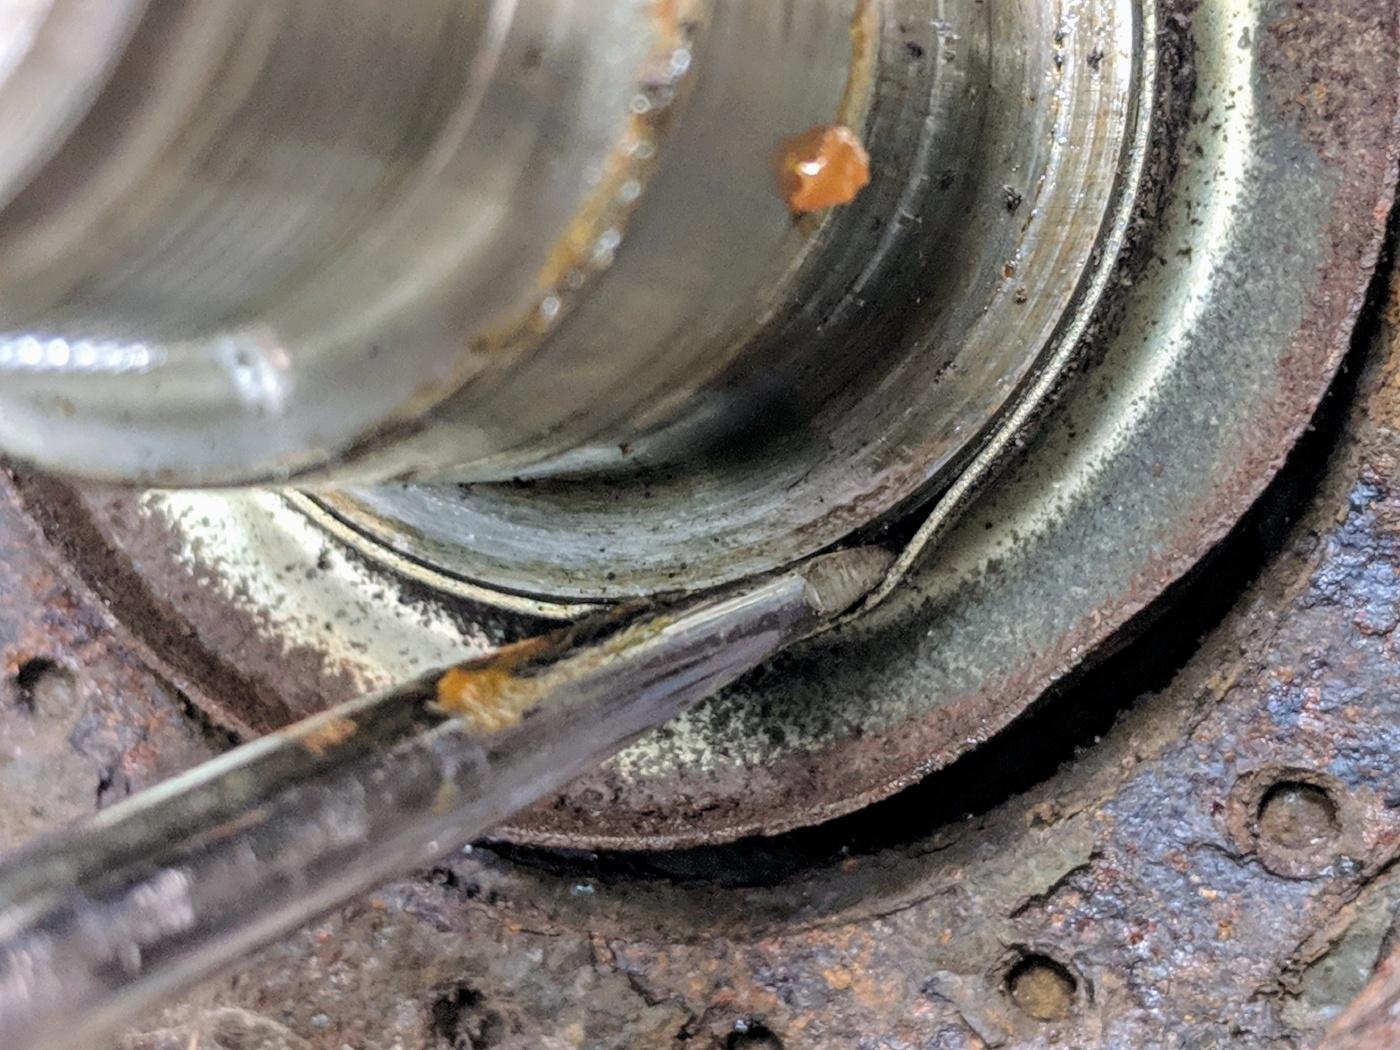 BMW E36 wheel bearing hub inner dust cap removal